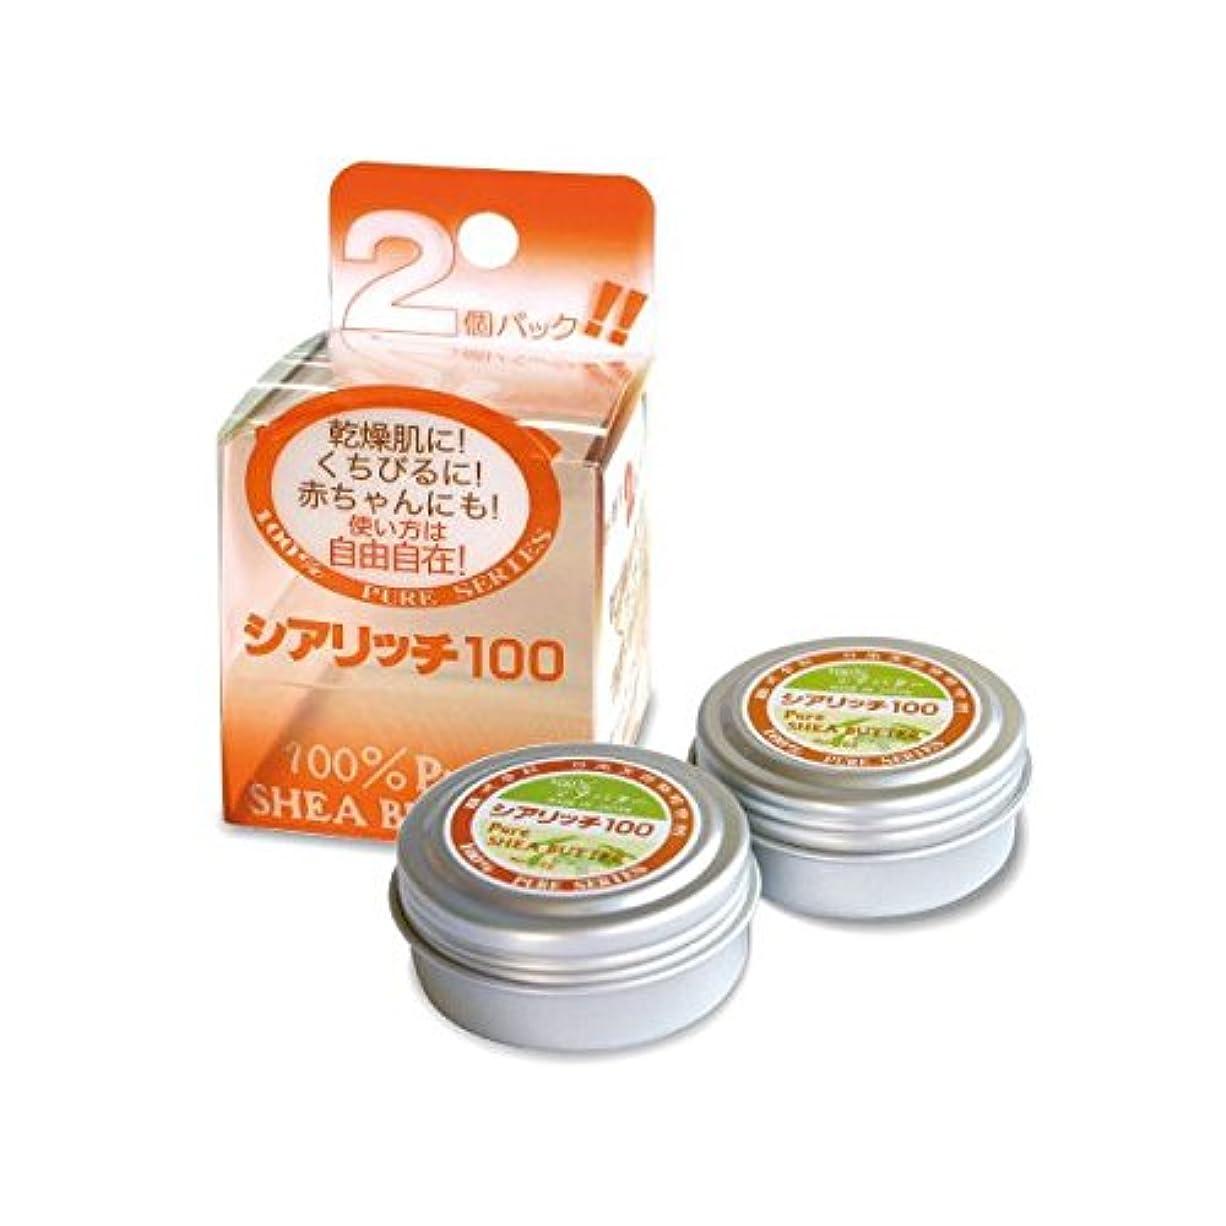 ロードブロッキングデータベース対立日本天然物研究所 シアリッチ100 (8g×2個入り)【単品】(無添加100%シアバター)無香料